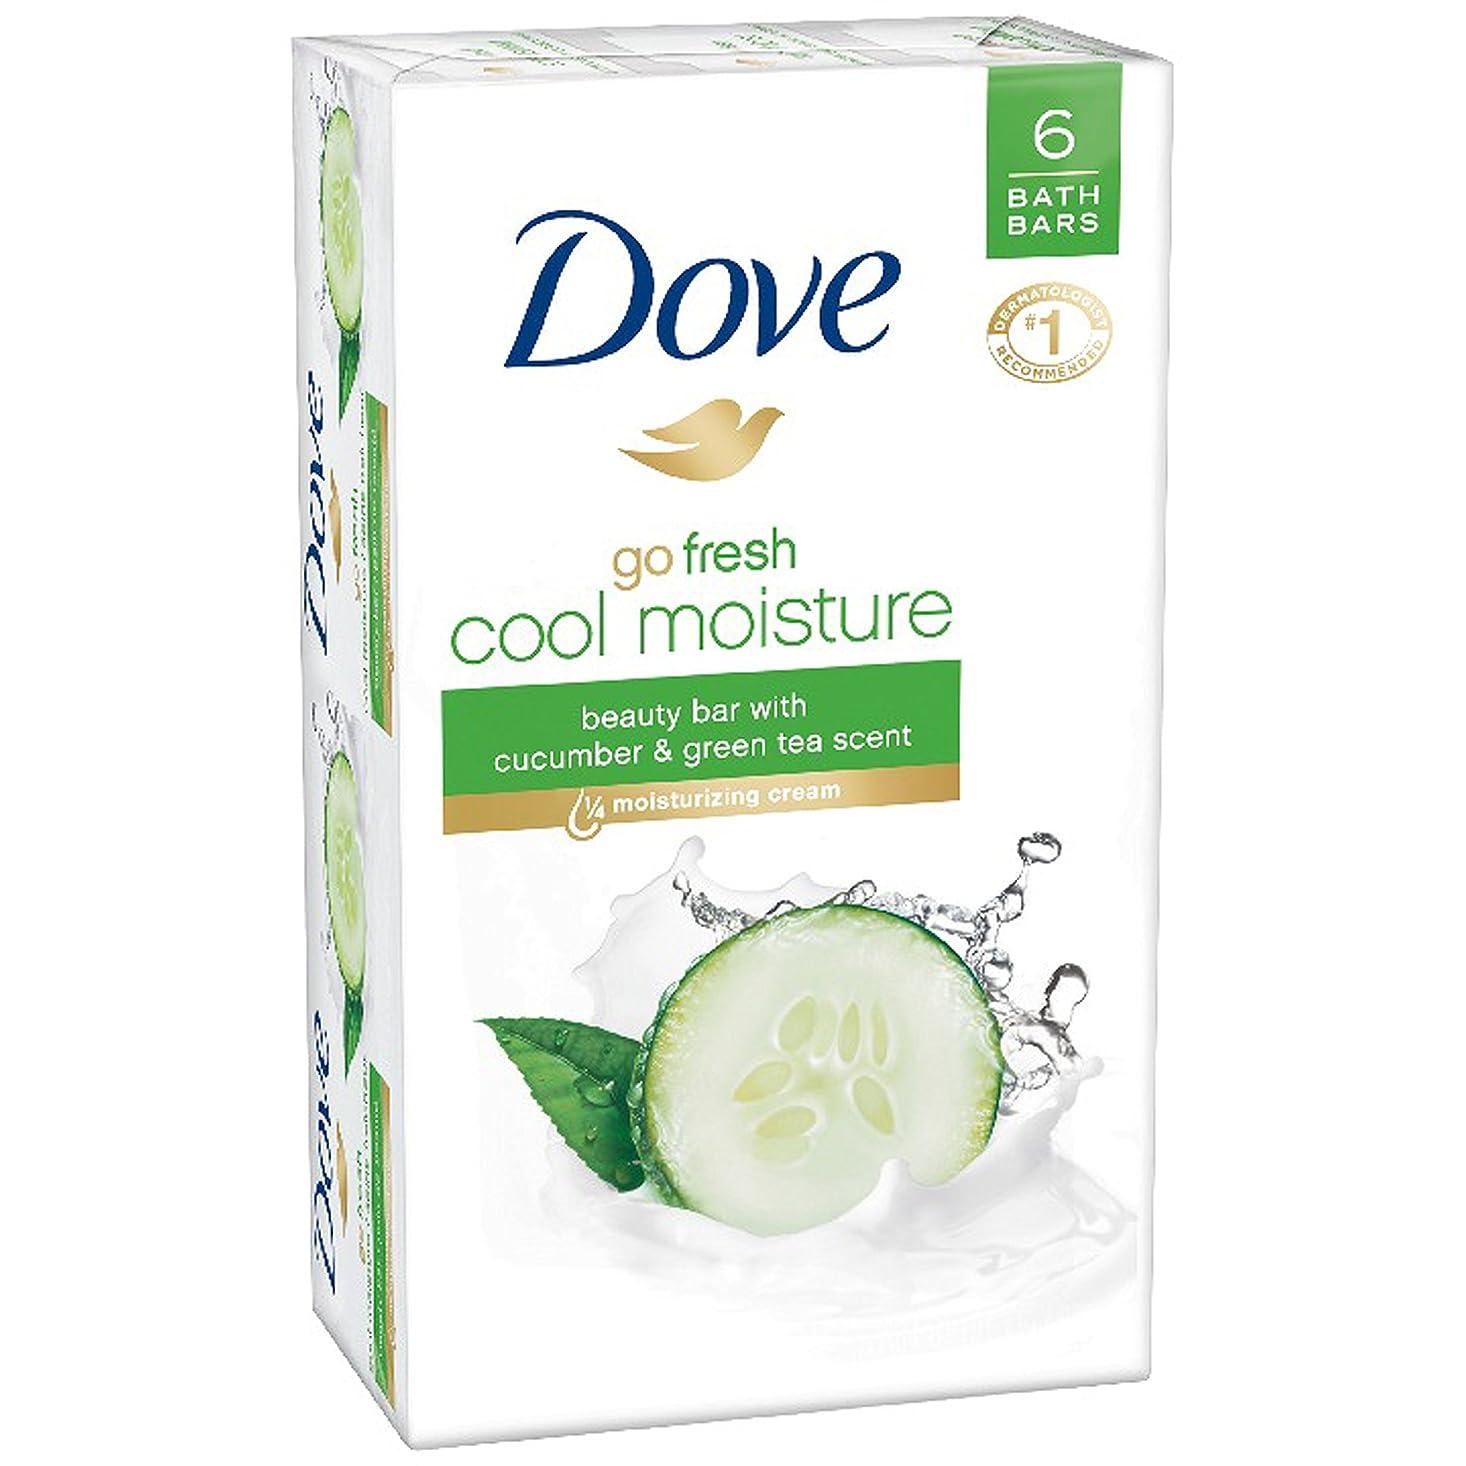 どこにでもしないでください郵便番号Dove 新鮮な美しさバー、キュウリ、緑茶4オンス、6バーを移動します